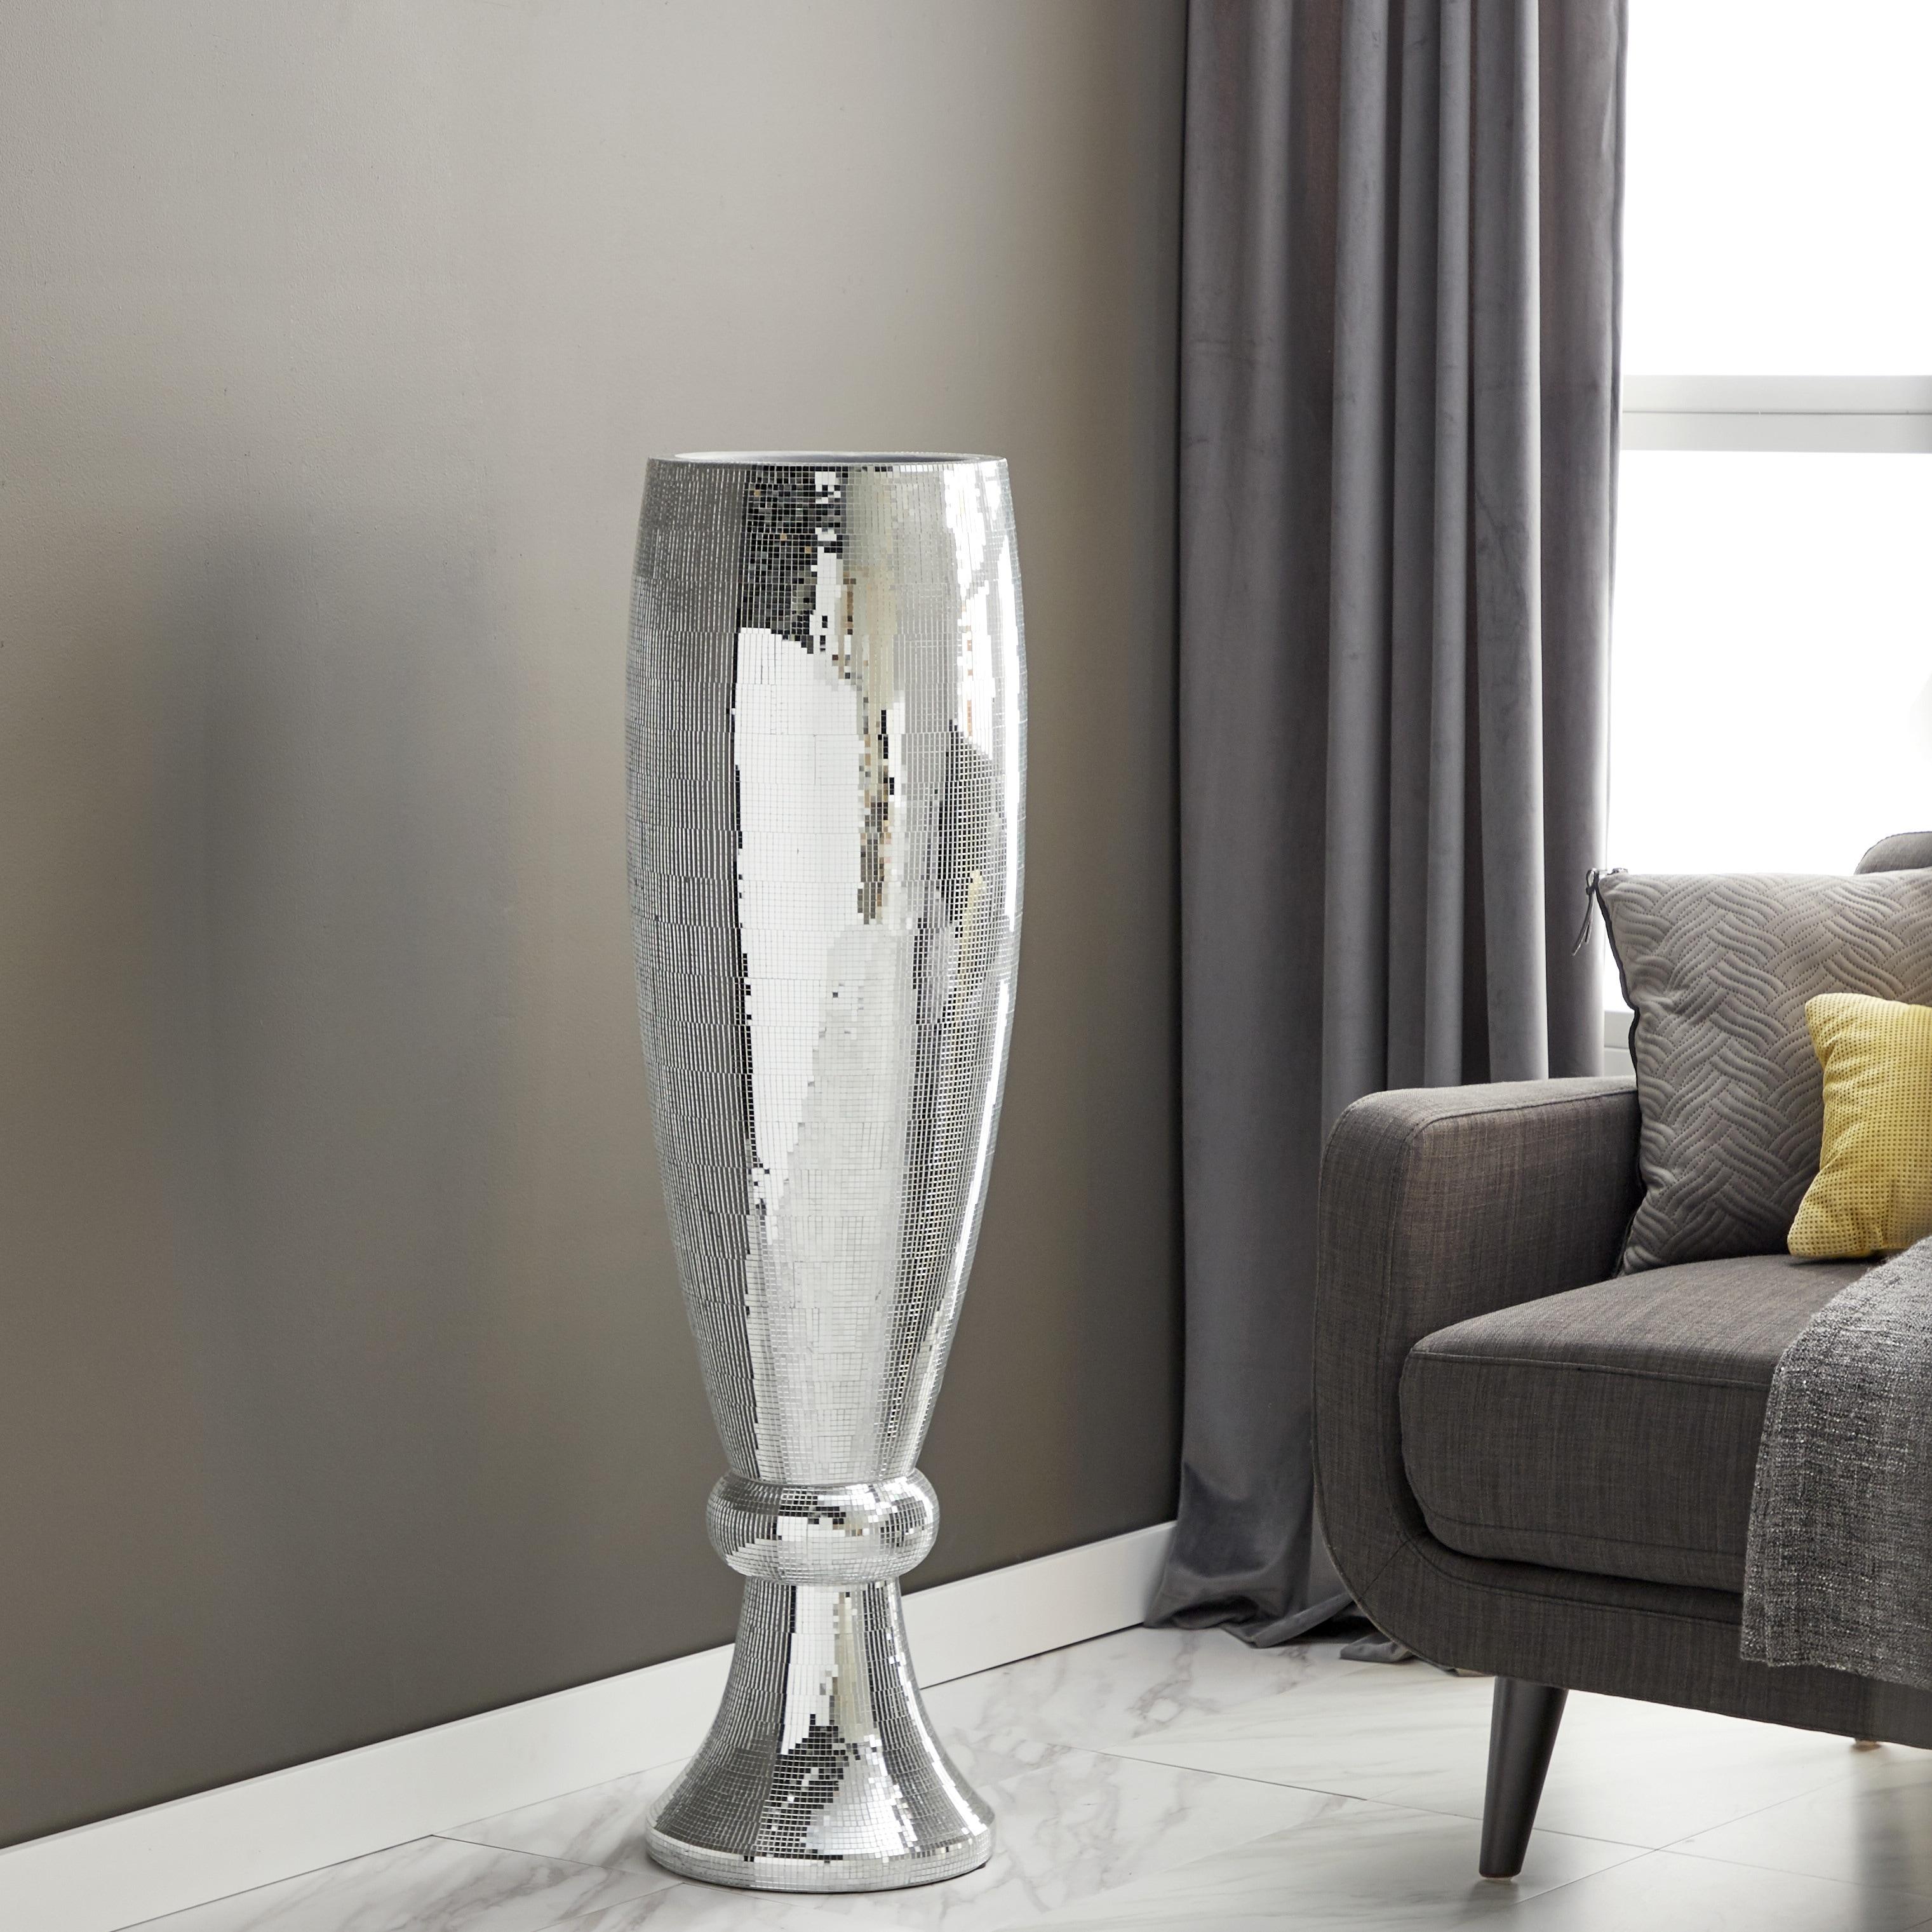 Uma laila mirrored mosaic vase 48 from 28549 nextag uma laila mirrored mosaic vase 48 reviewsmspy